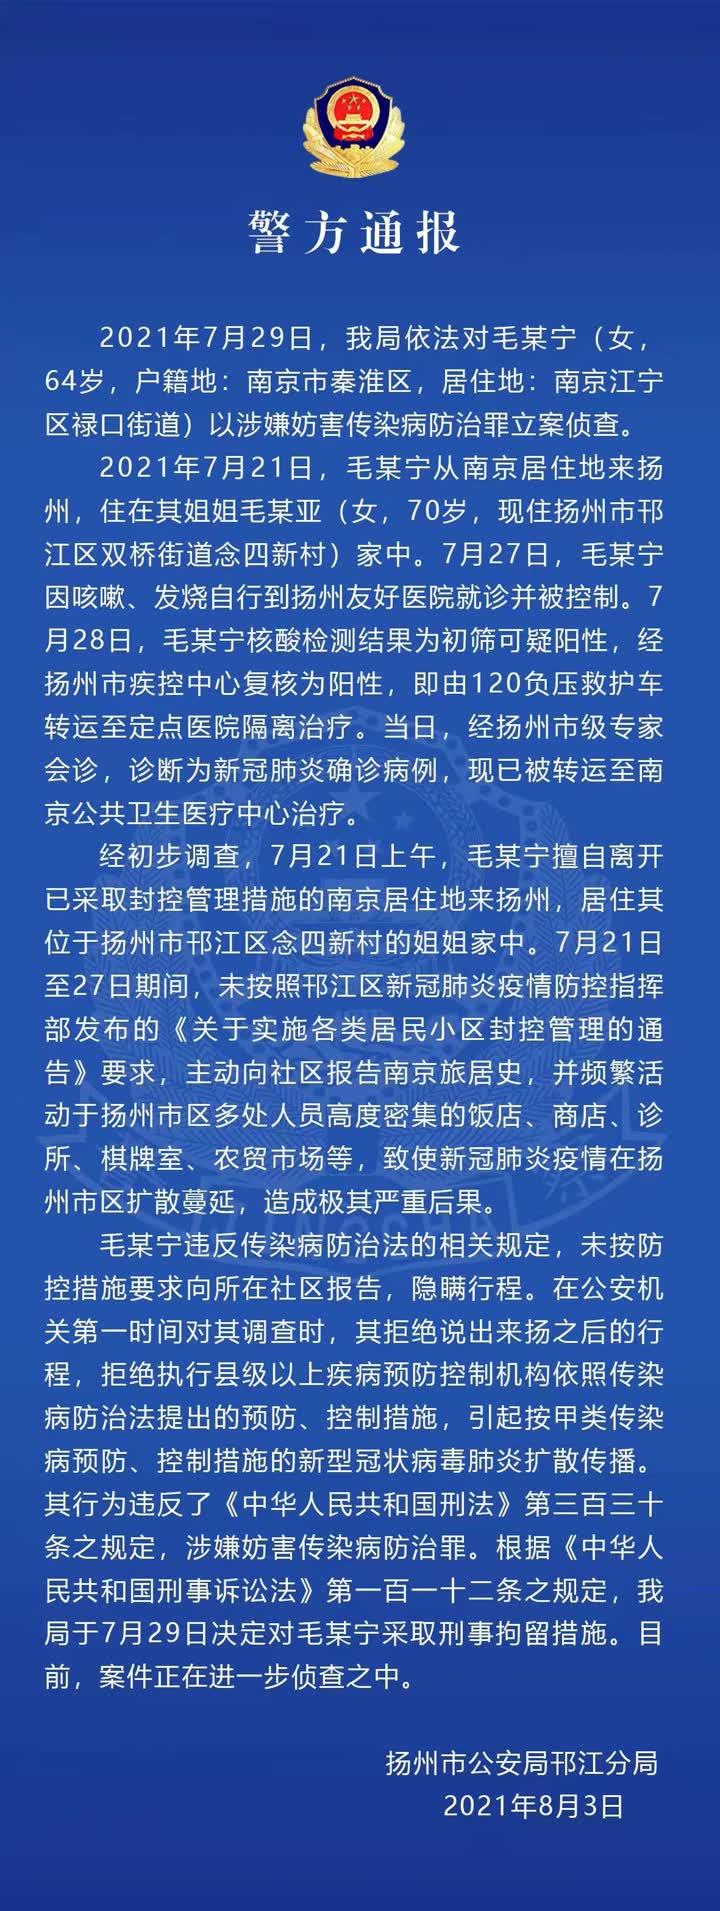 扬州警方对毛某宁以涉嫌妨害传染病防治罪立案侦查